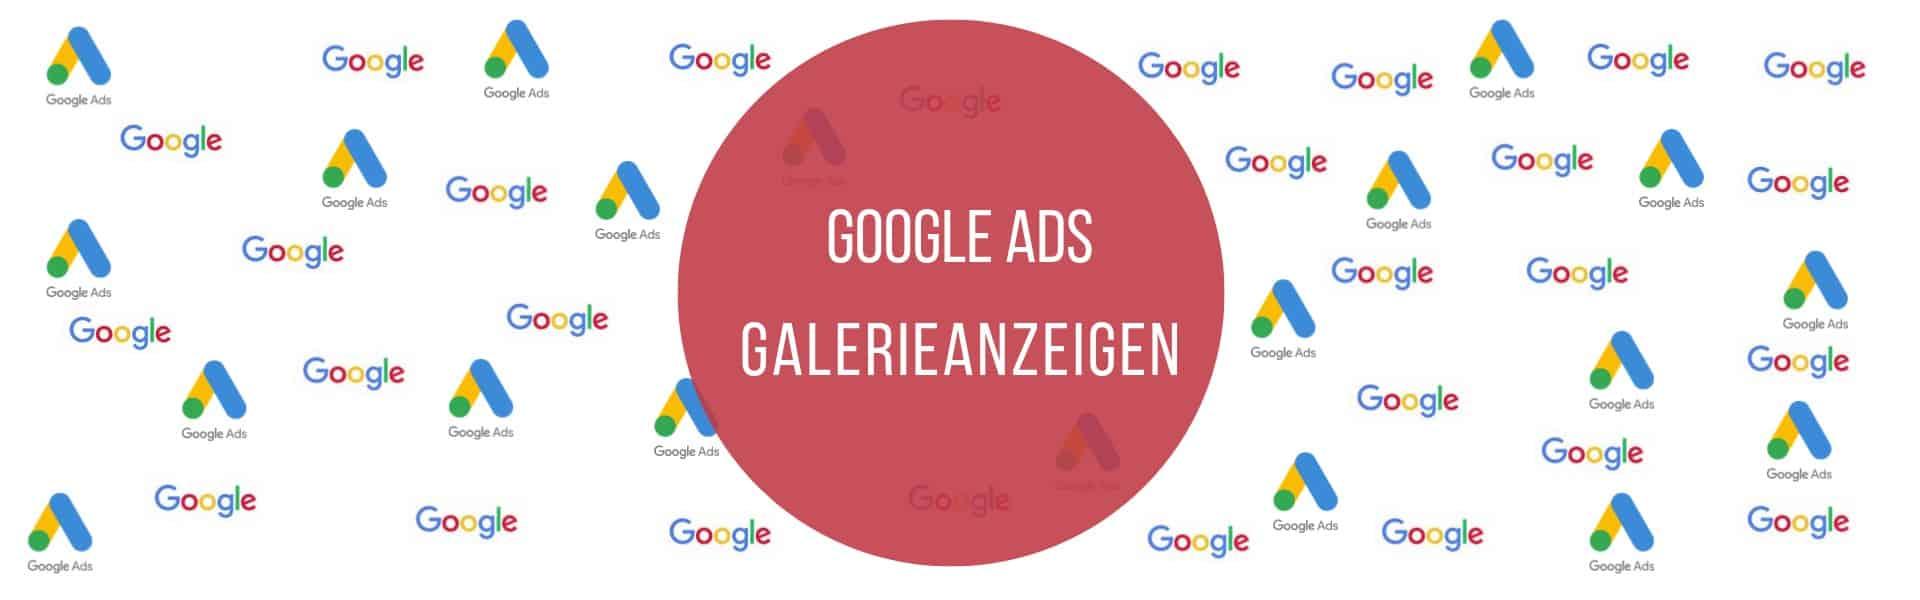 Google Ads Galerie Anzeigen Das Neue Anzeigenformat